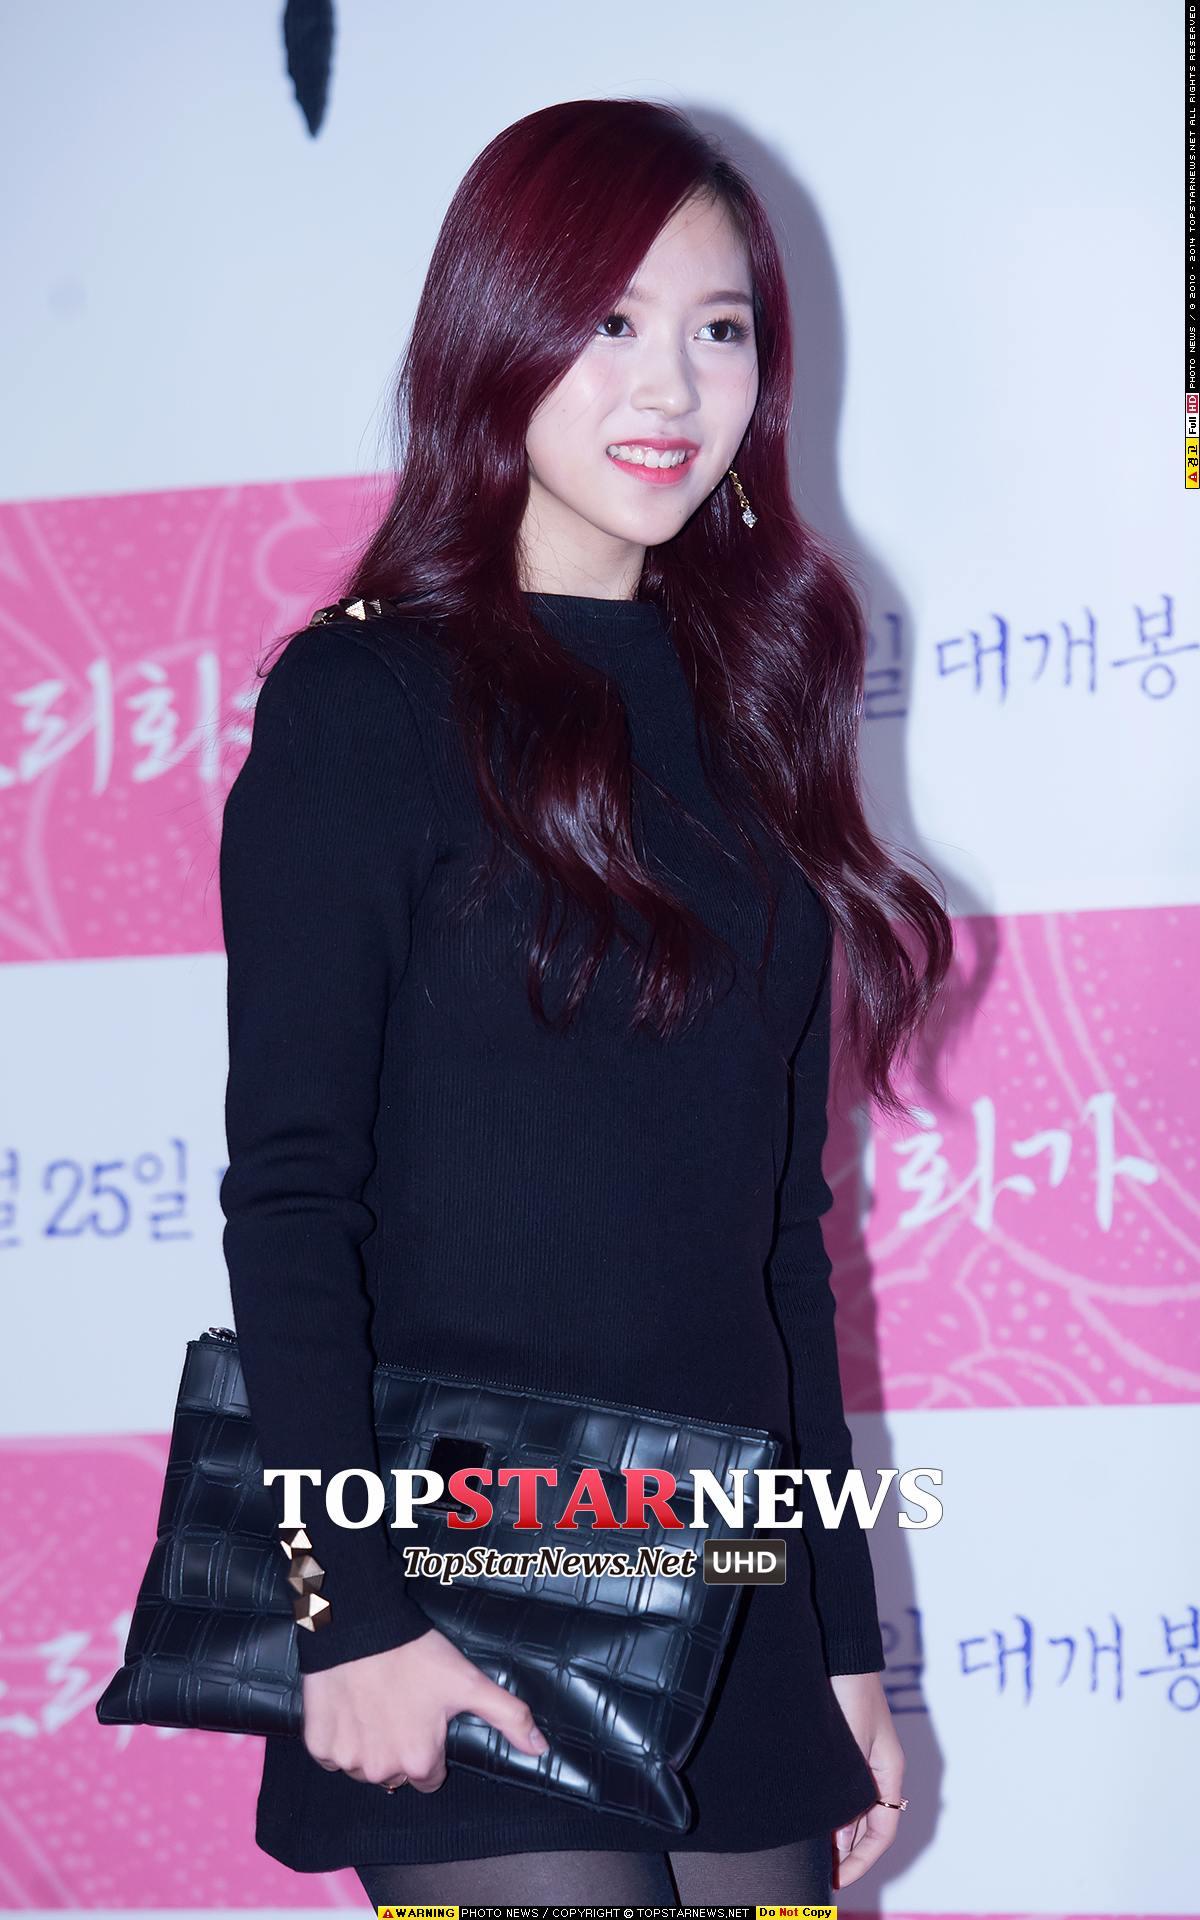 其實Mina剛出道,在第一張專輯的時候還是美人魚捲的長髮,髮色也是非常女人味的酒紅色。